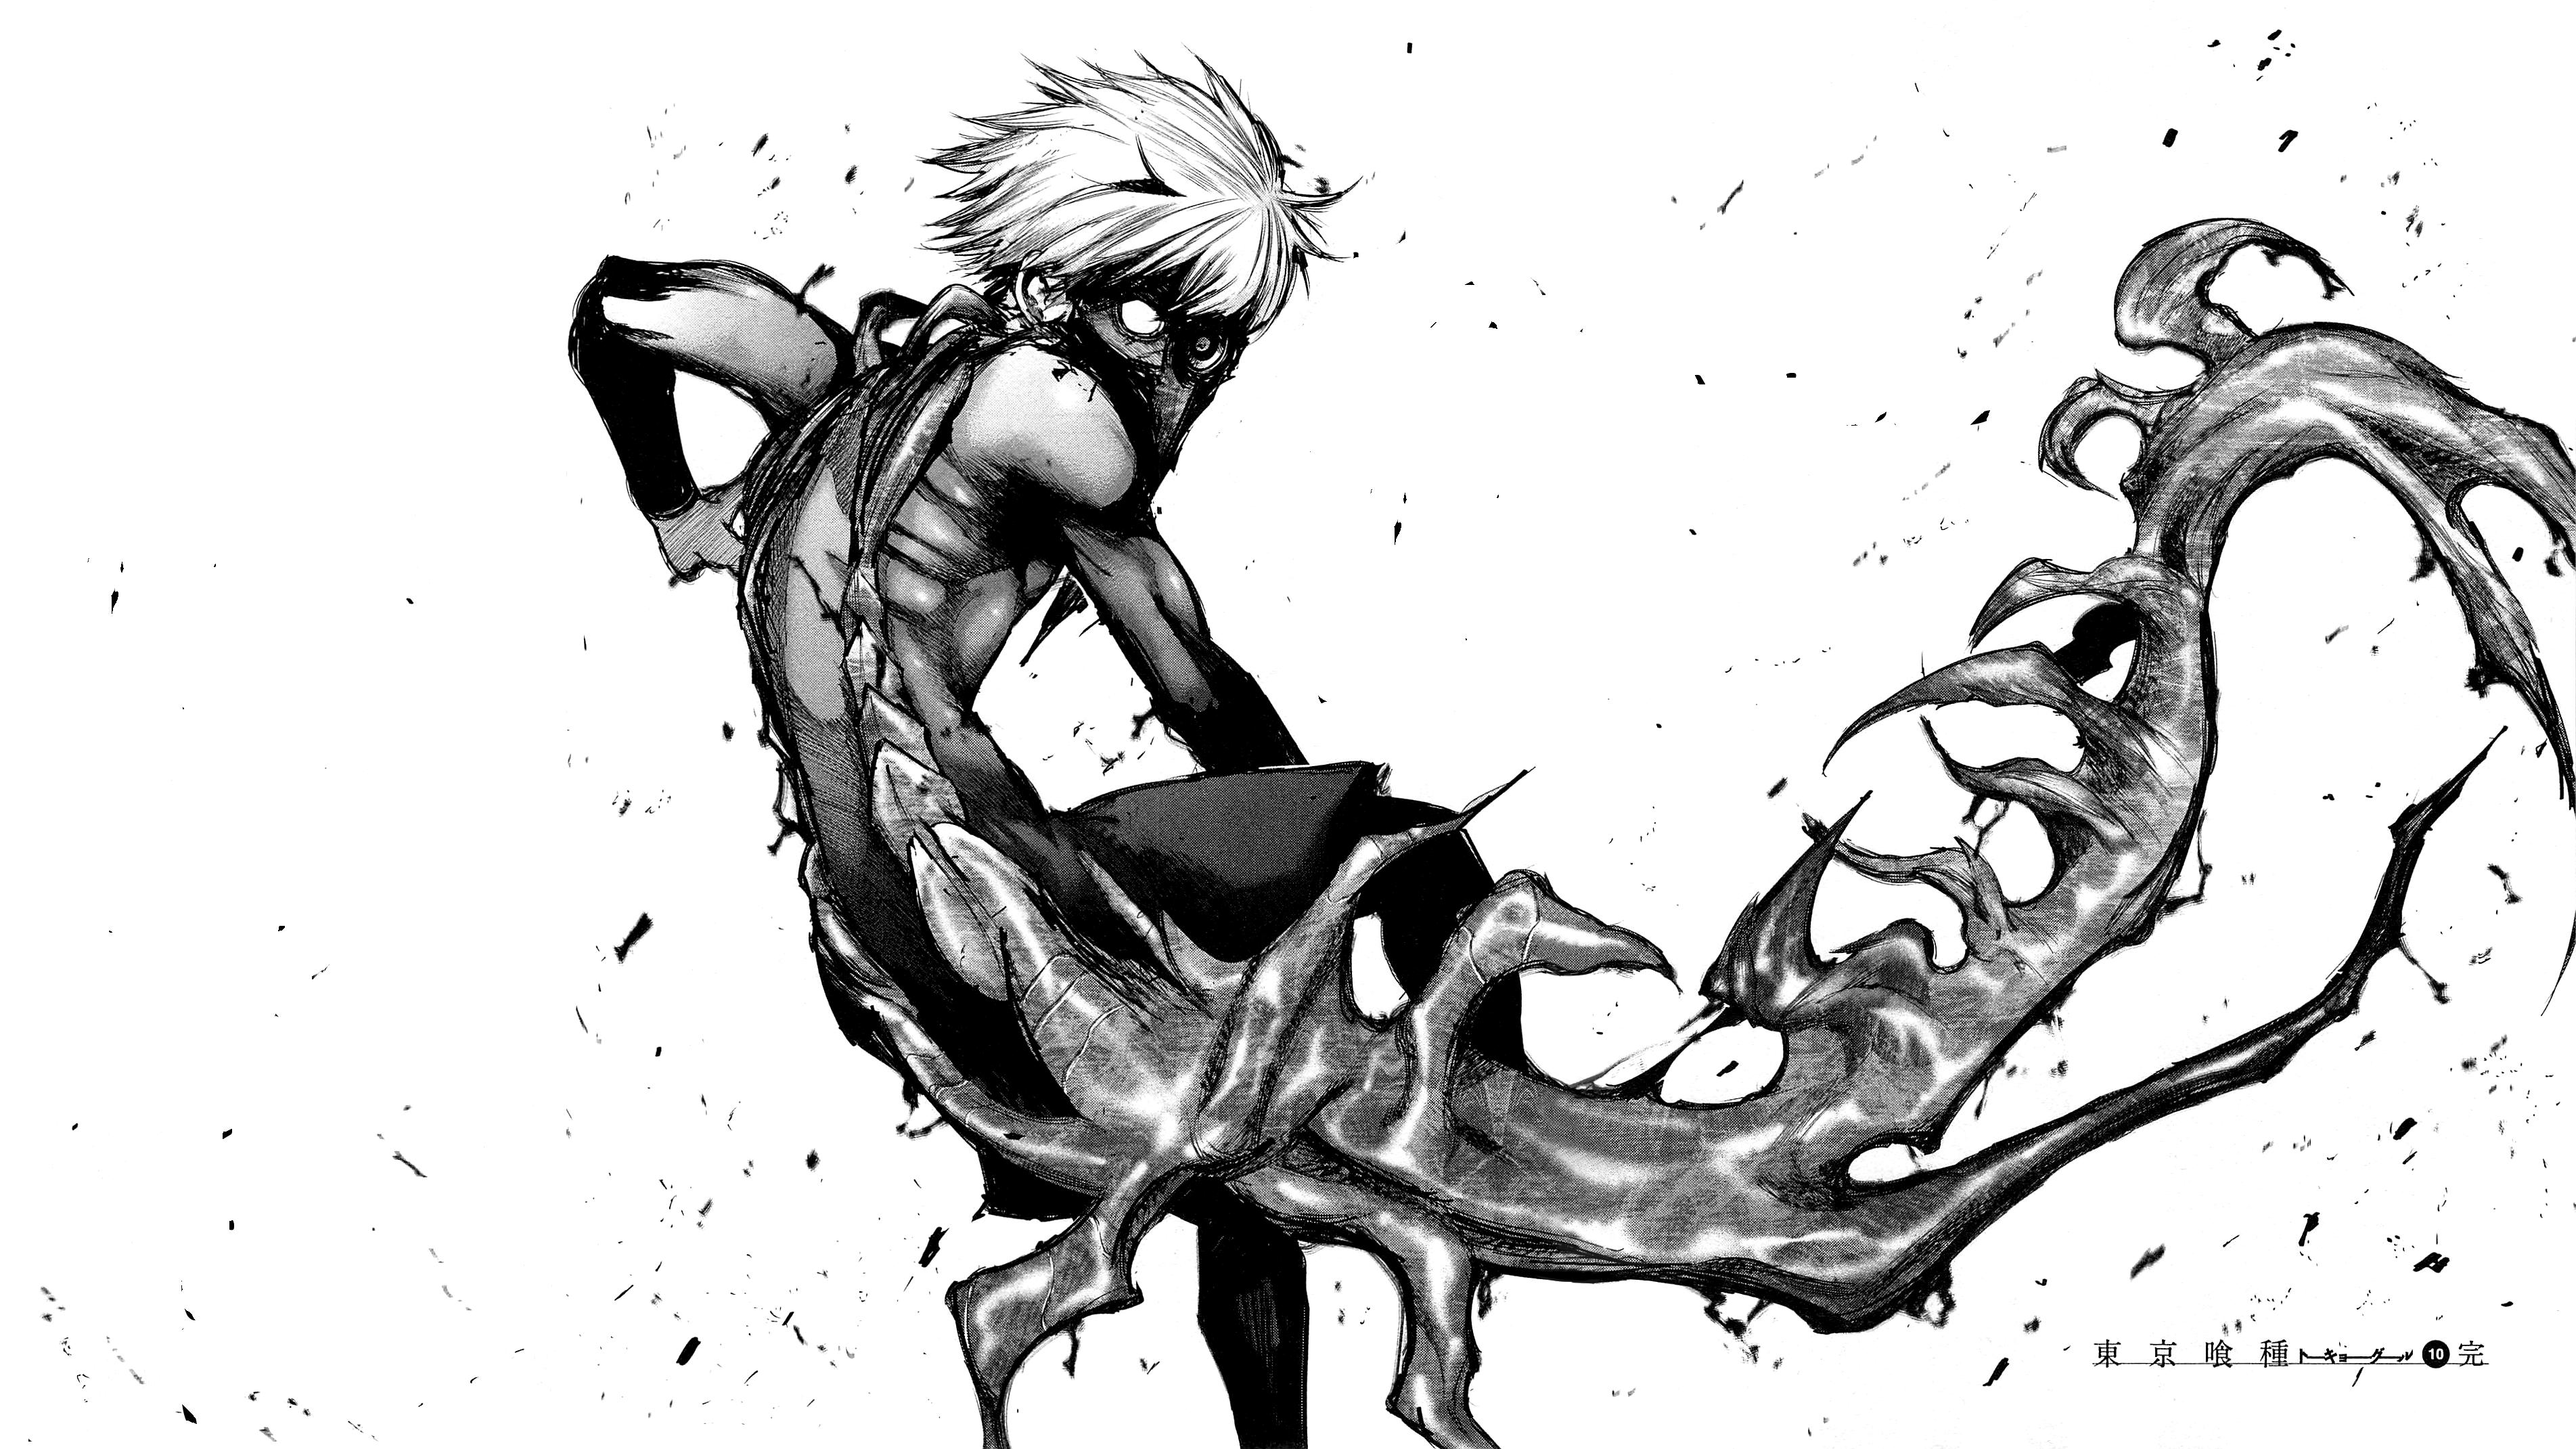 Sfondi disegno illustrazione monocromo manga cartone